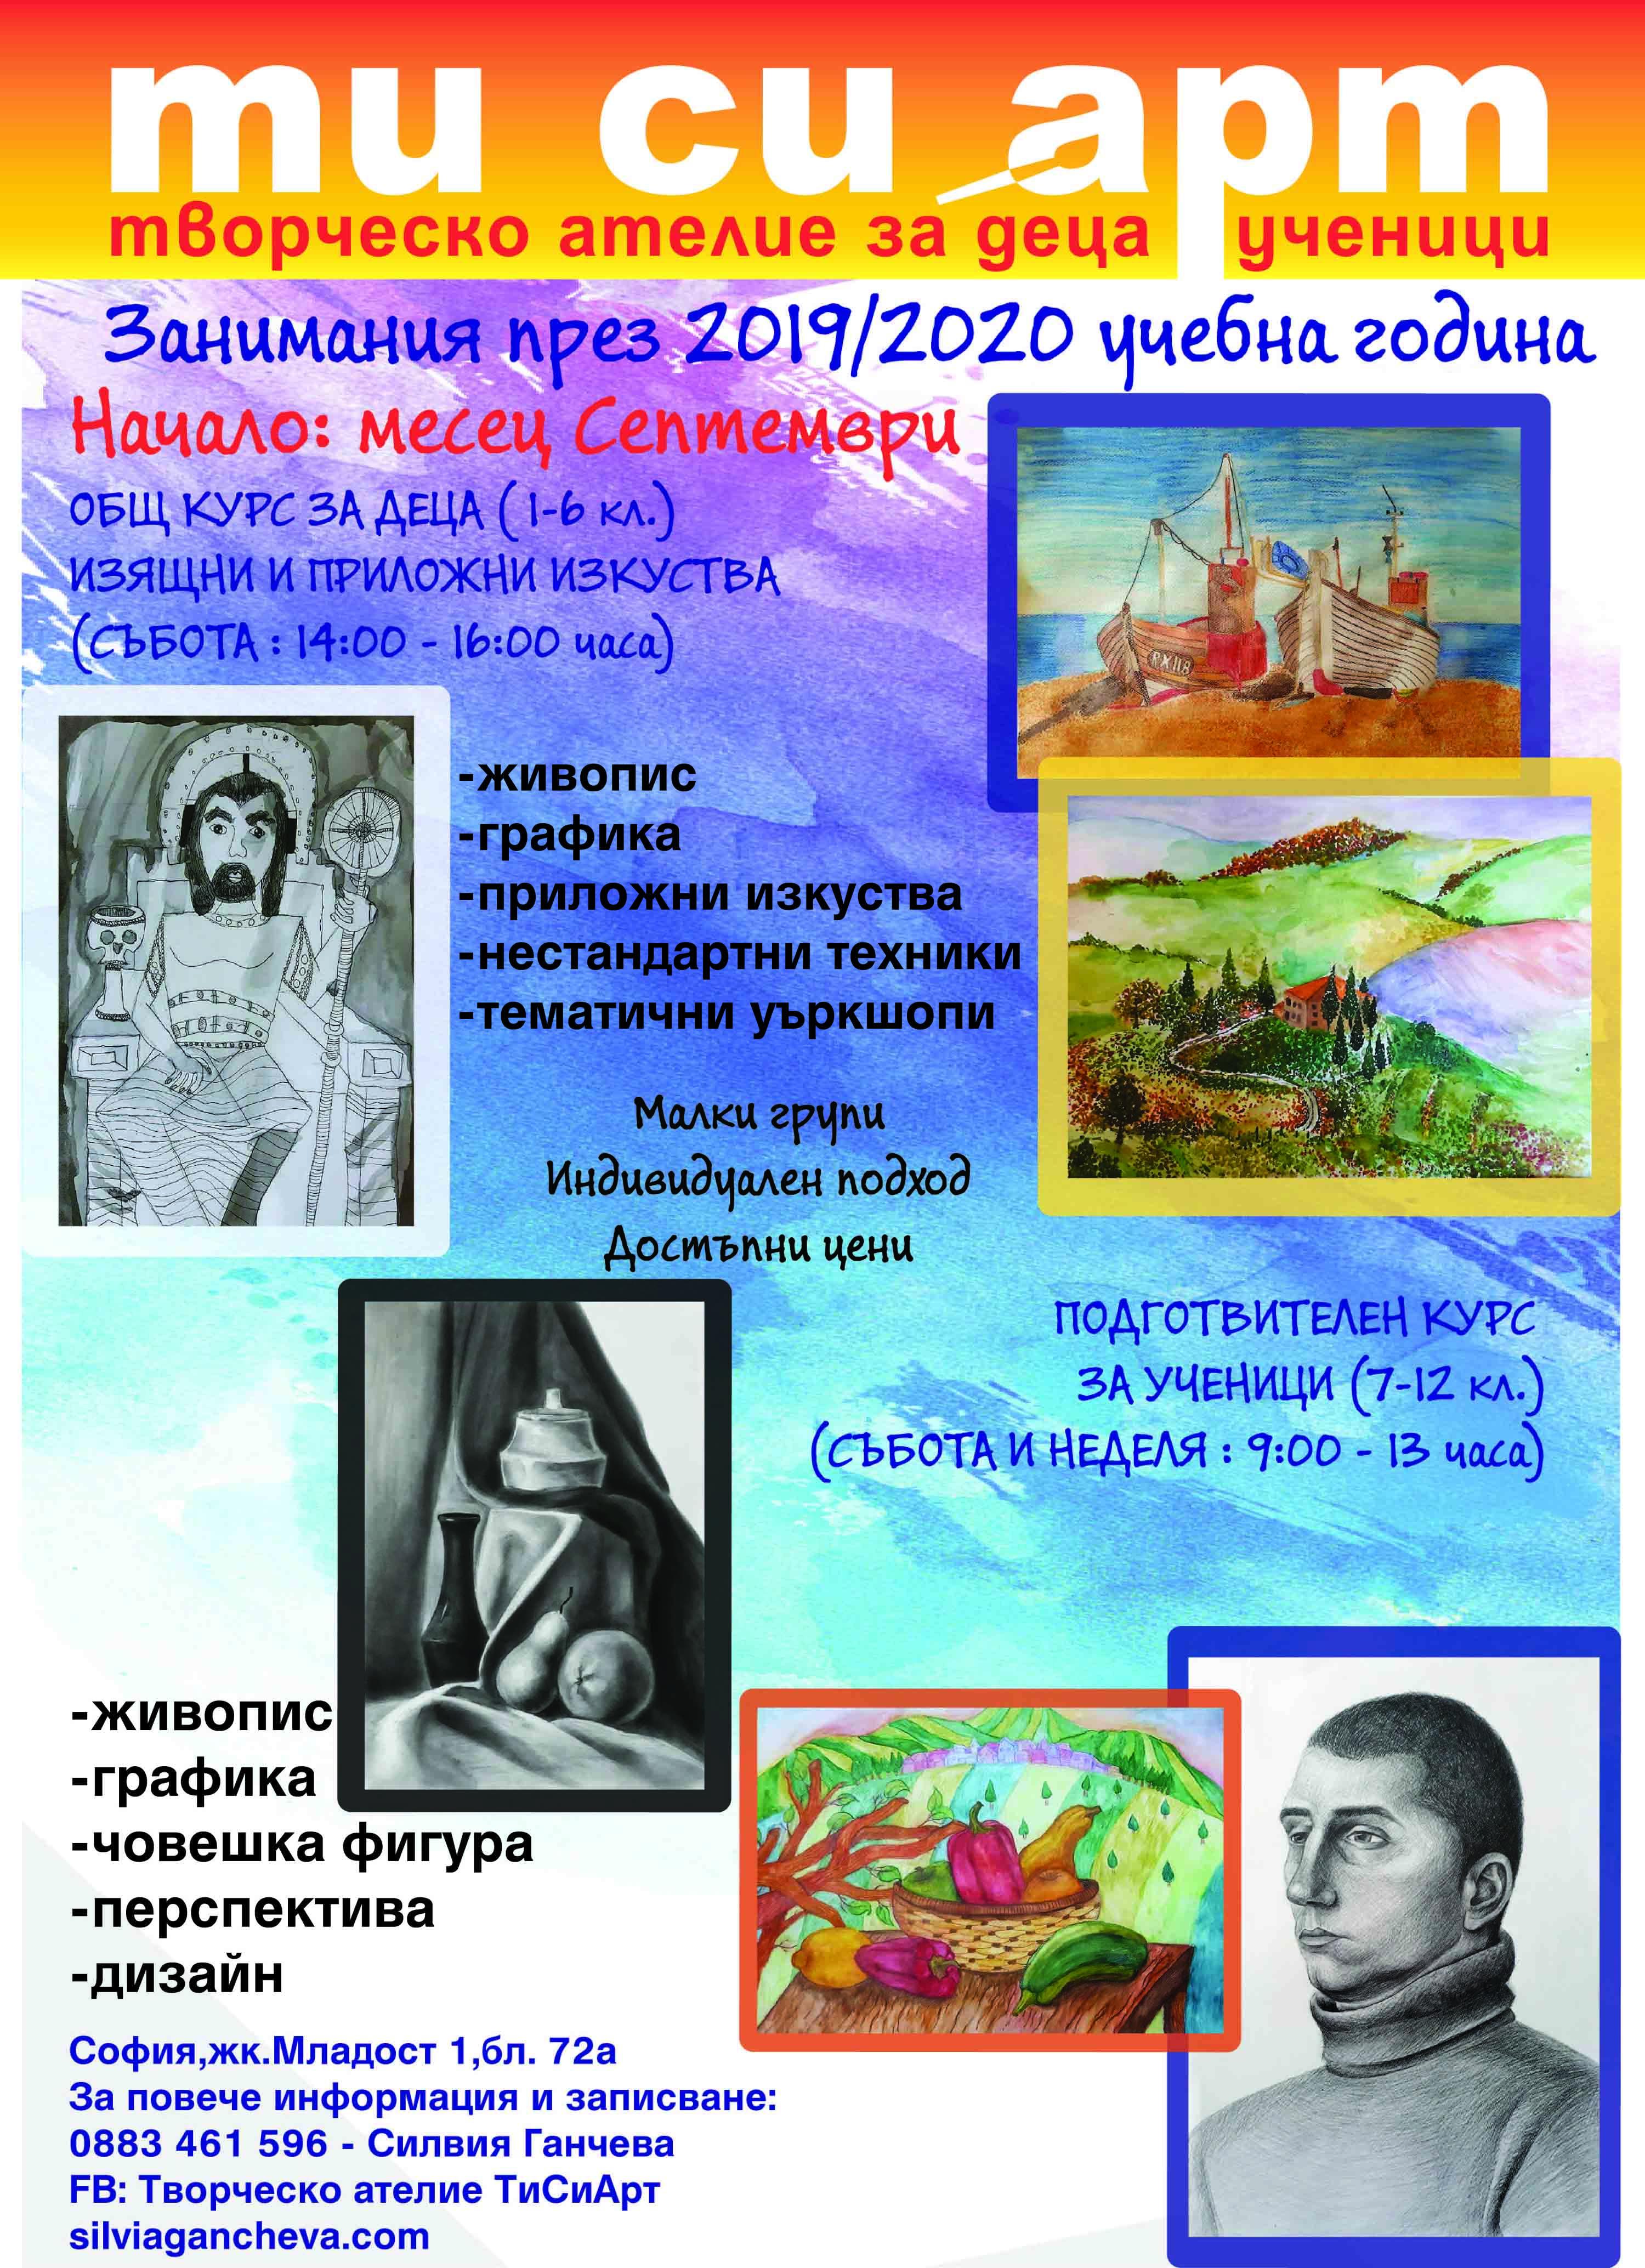 -страница-ОБЯВА-2019-2020